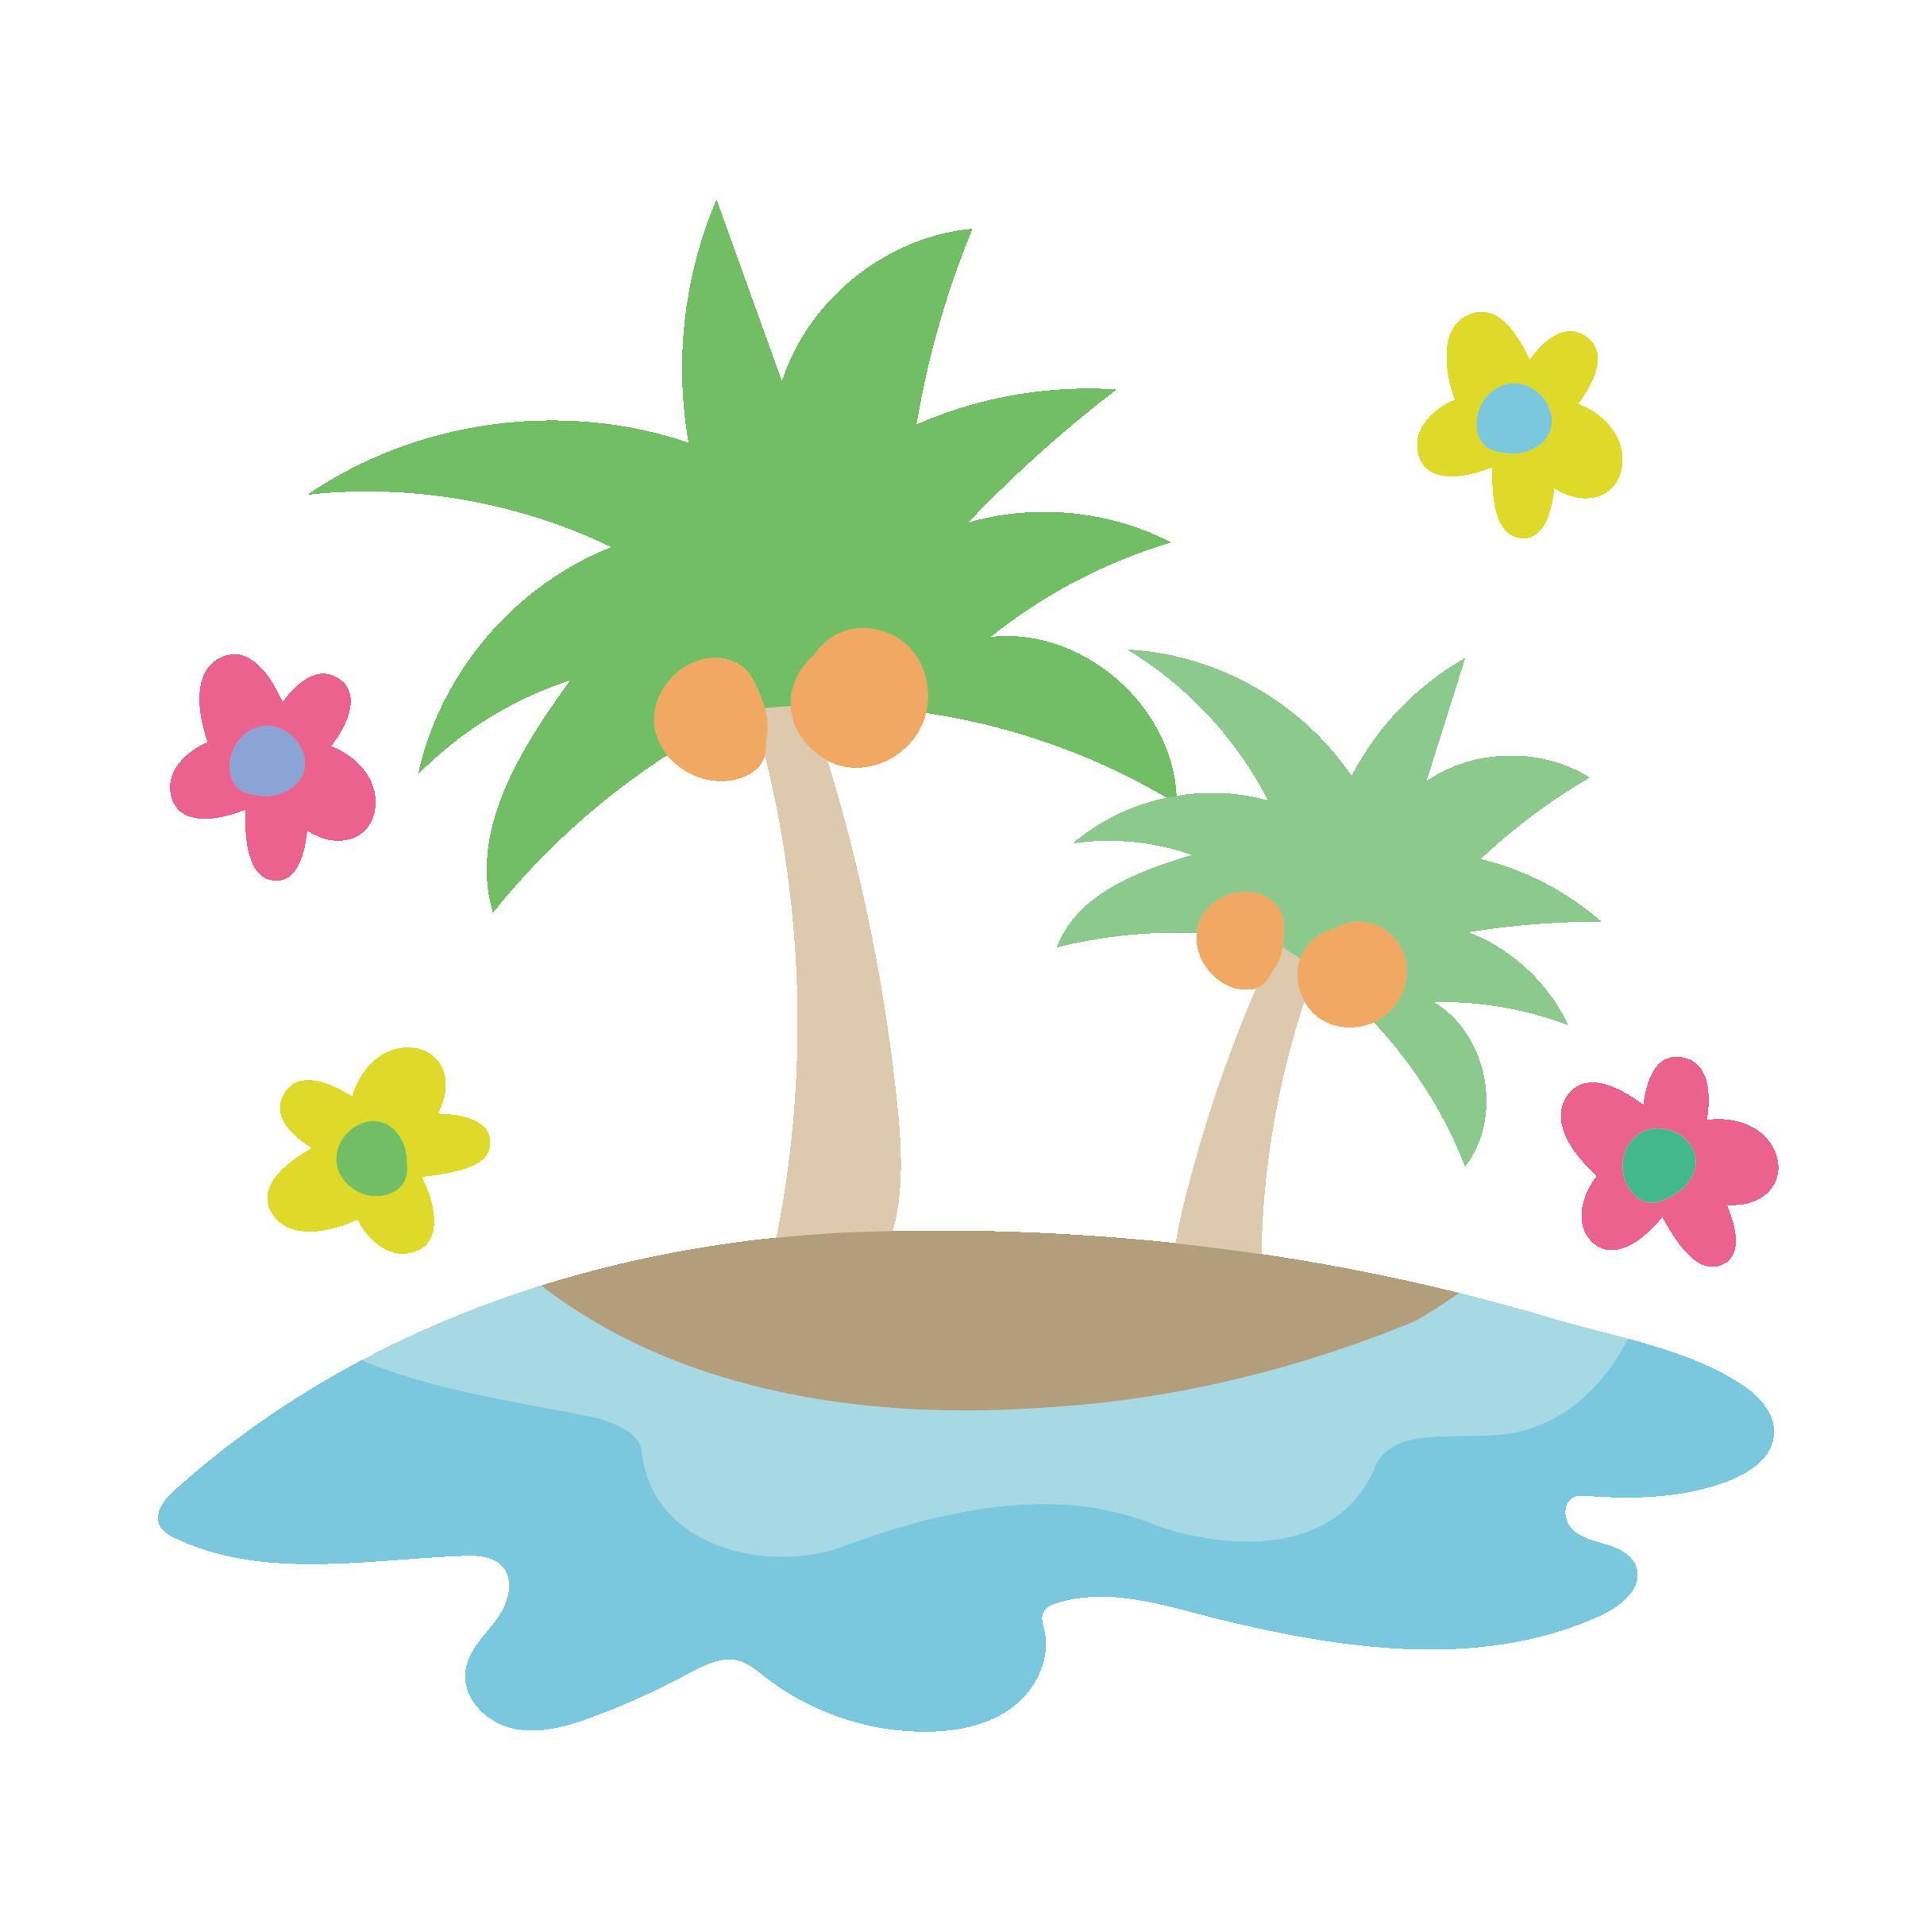 かわいい♪ヤシの木のイラスト【夏素材】   商用フリー(無料)のイラスト